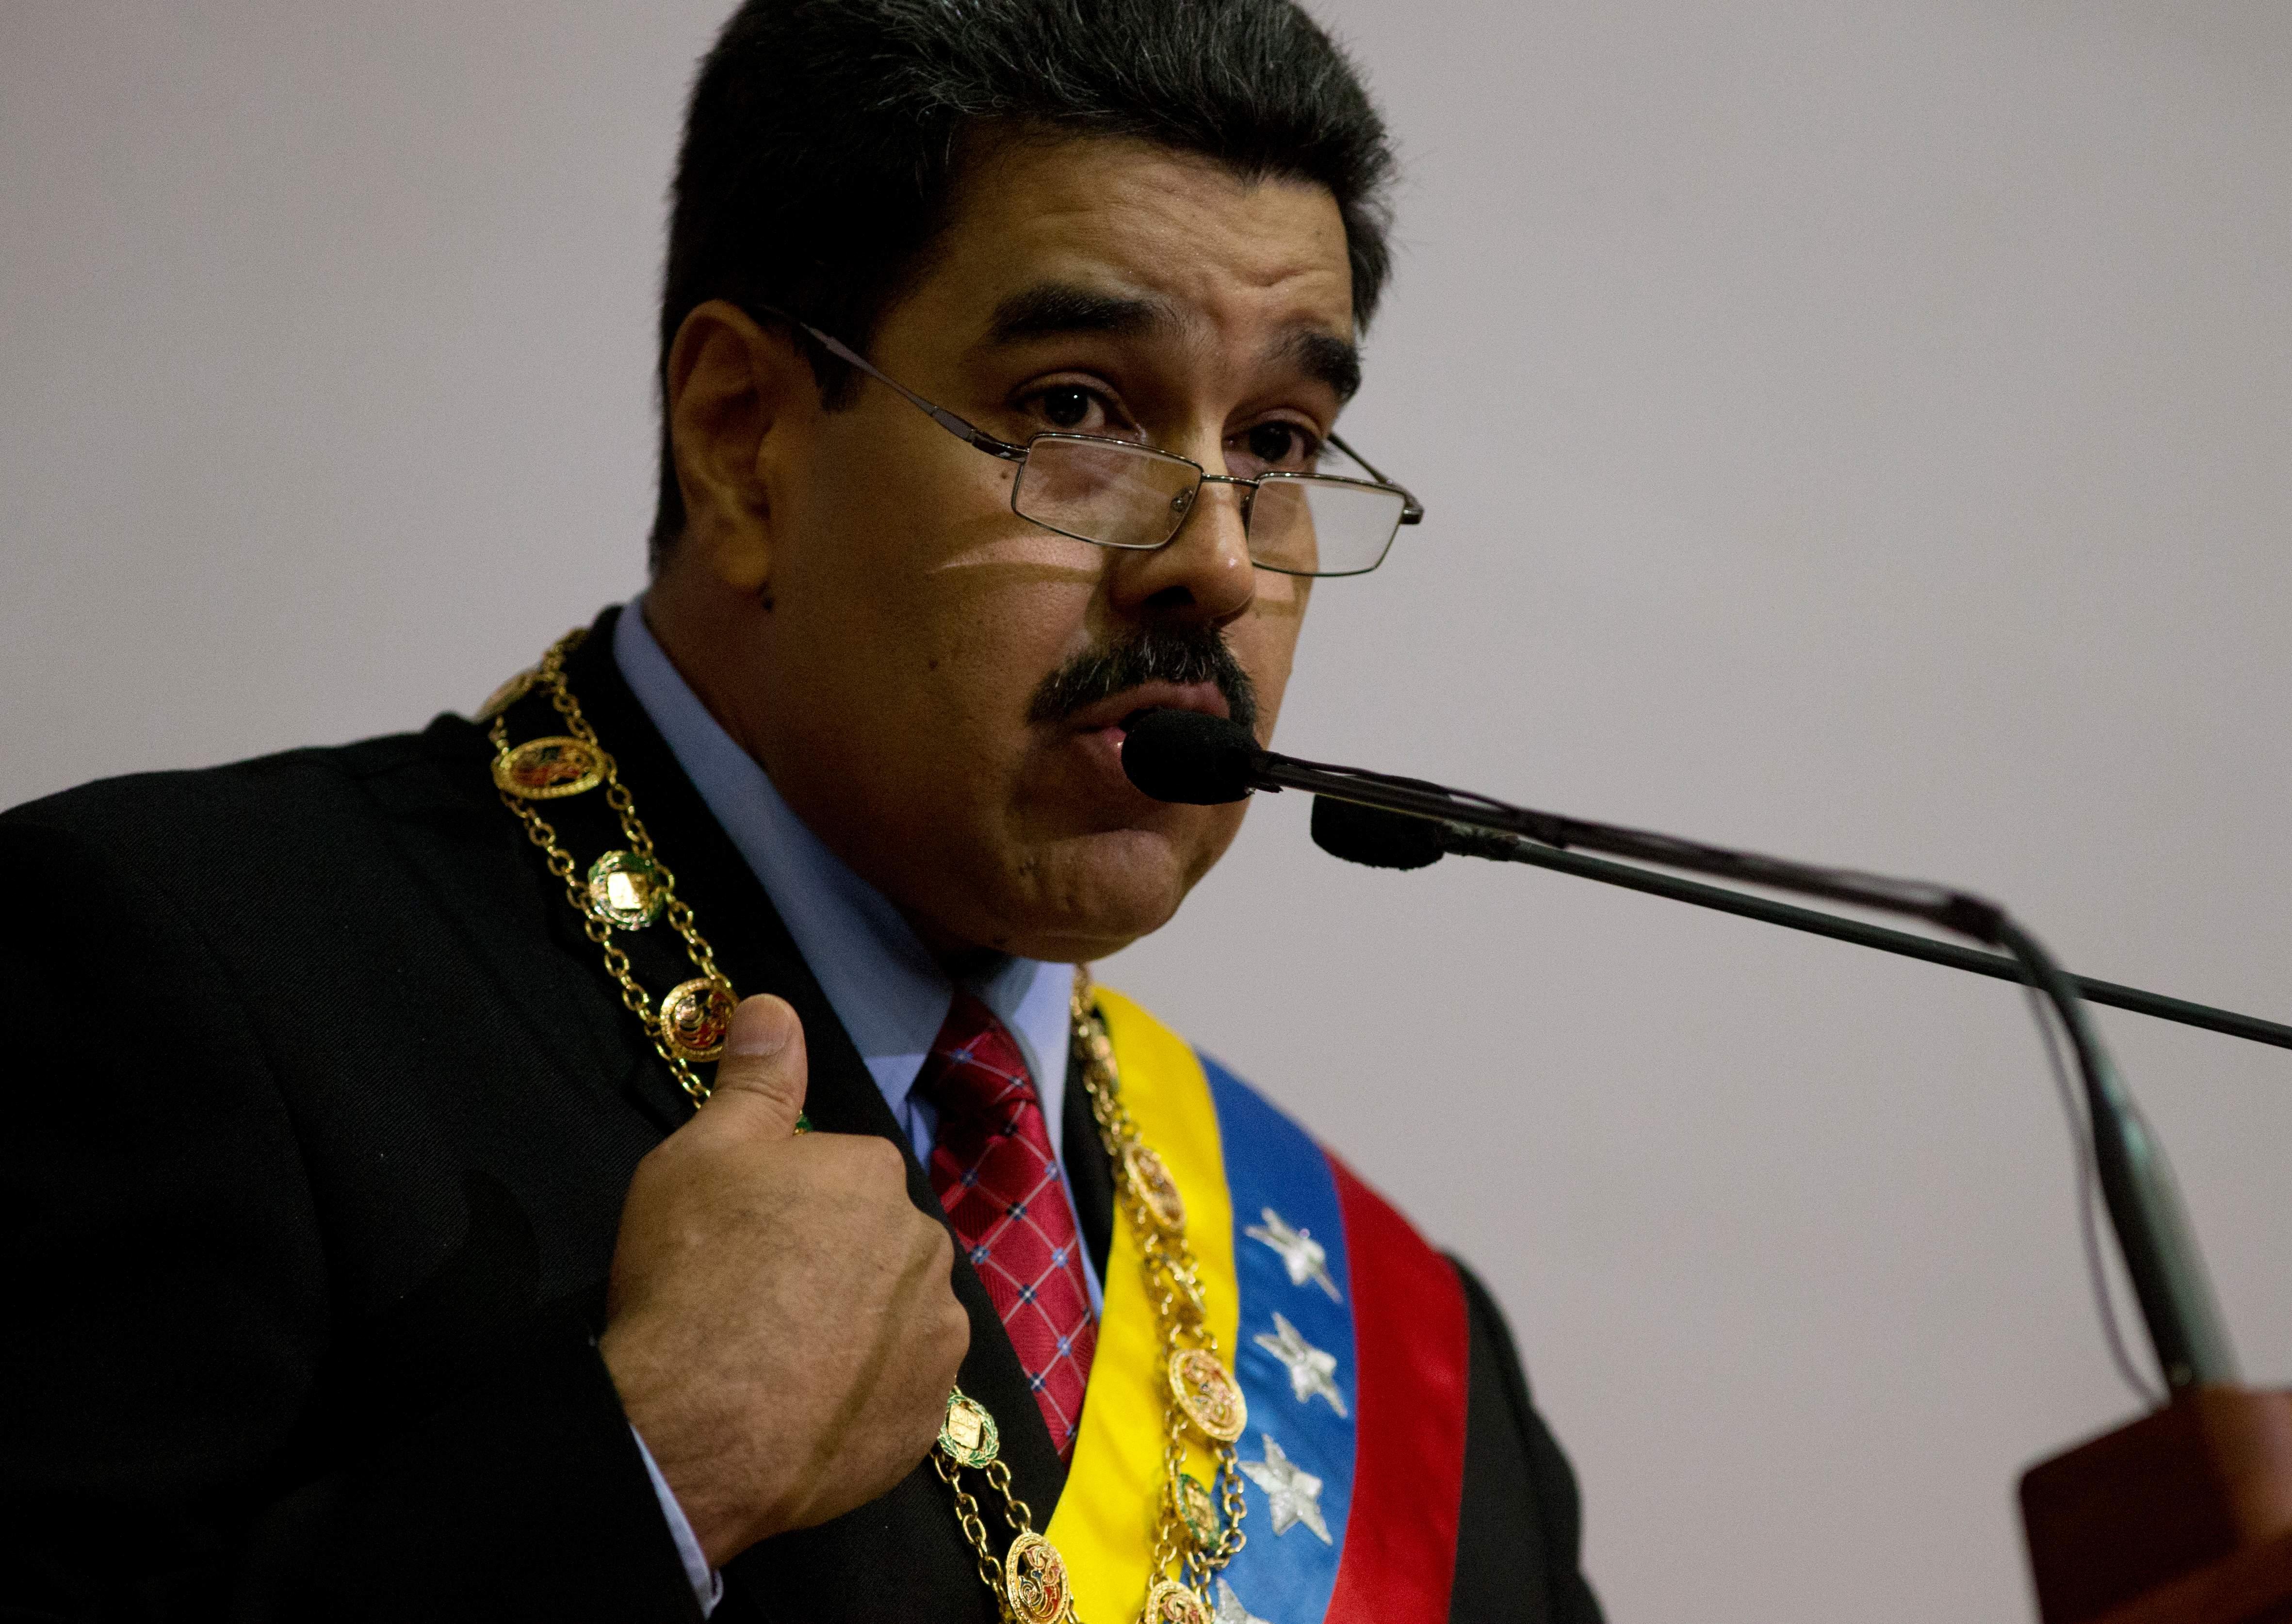 venezuelaeconomicempuer-84f03d7667e354232afaaf84c28fd5a3.jpg